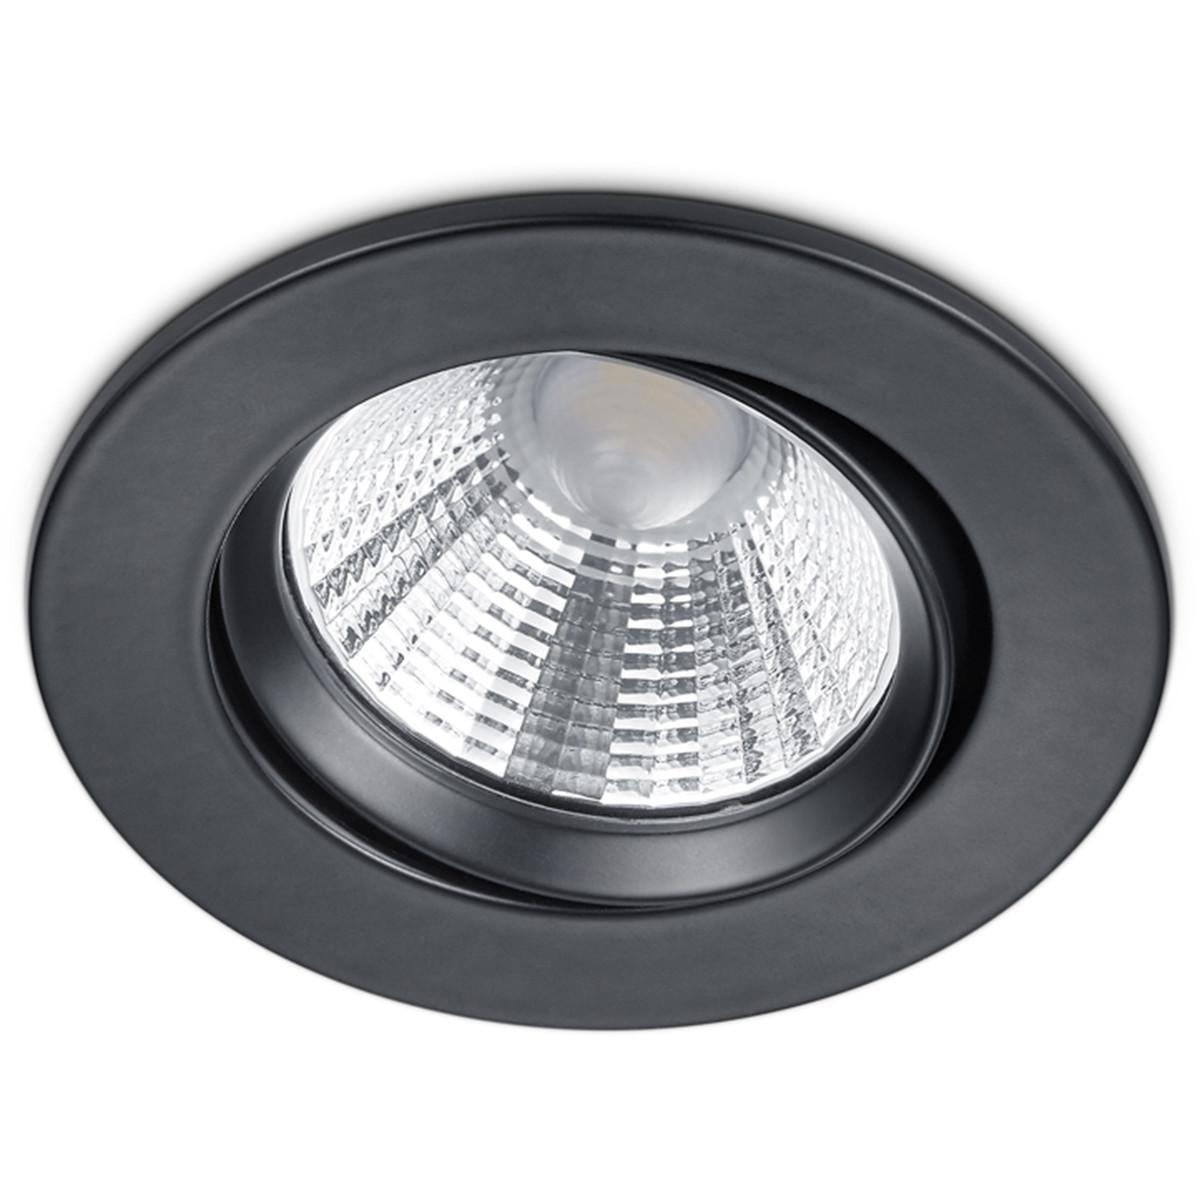 LED Spot - Inbouwspot - Trion Paniro - Rond 5W - Dimbaar - Warm Wit 3000K - Mat Zwart - Aluminium -